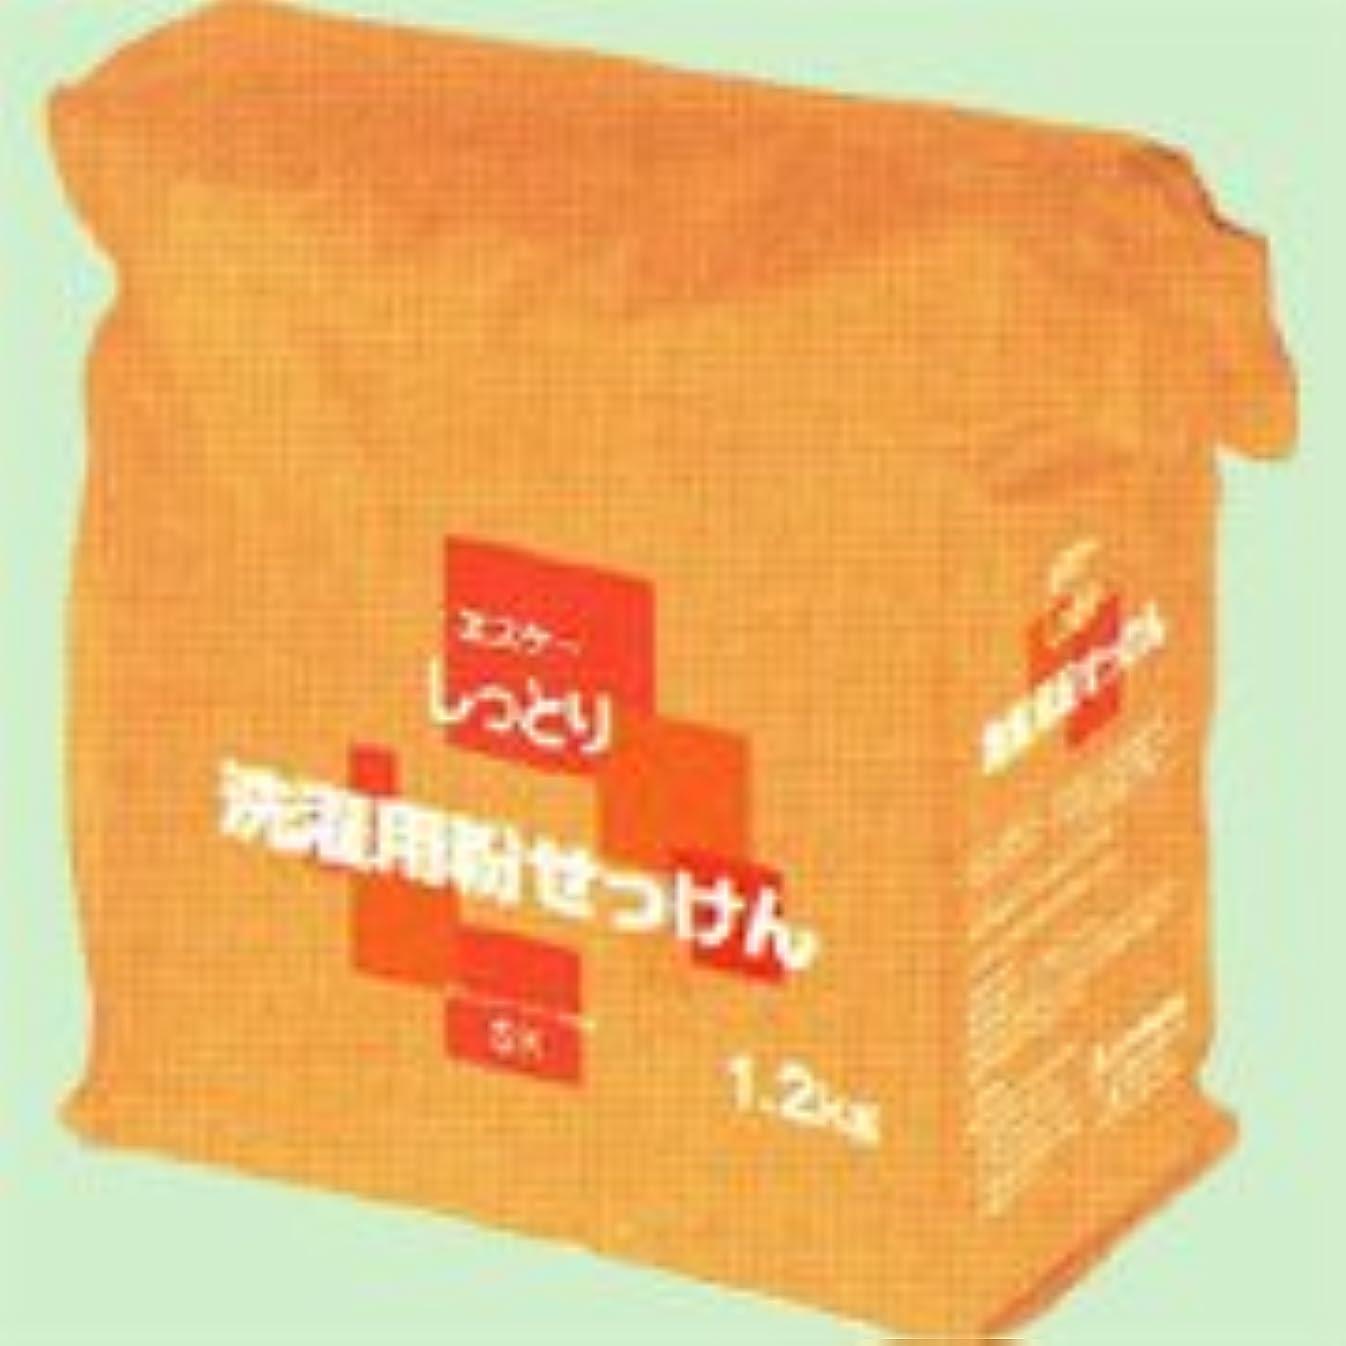 ばか立ち寄るカナダしっとり洗濯用粉せっけん詰替用 1.2kg   エスケー石鹸